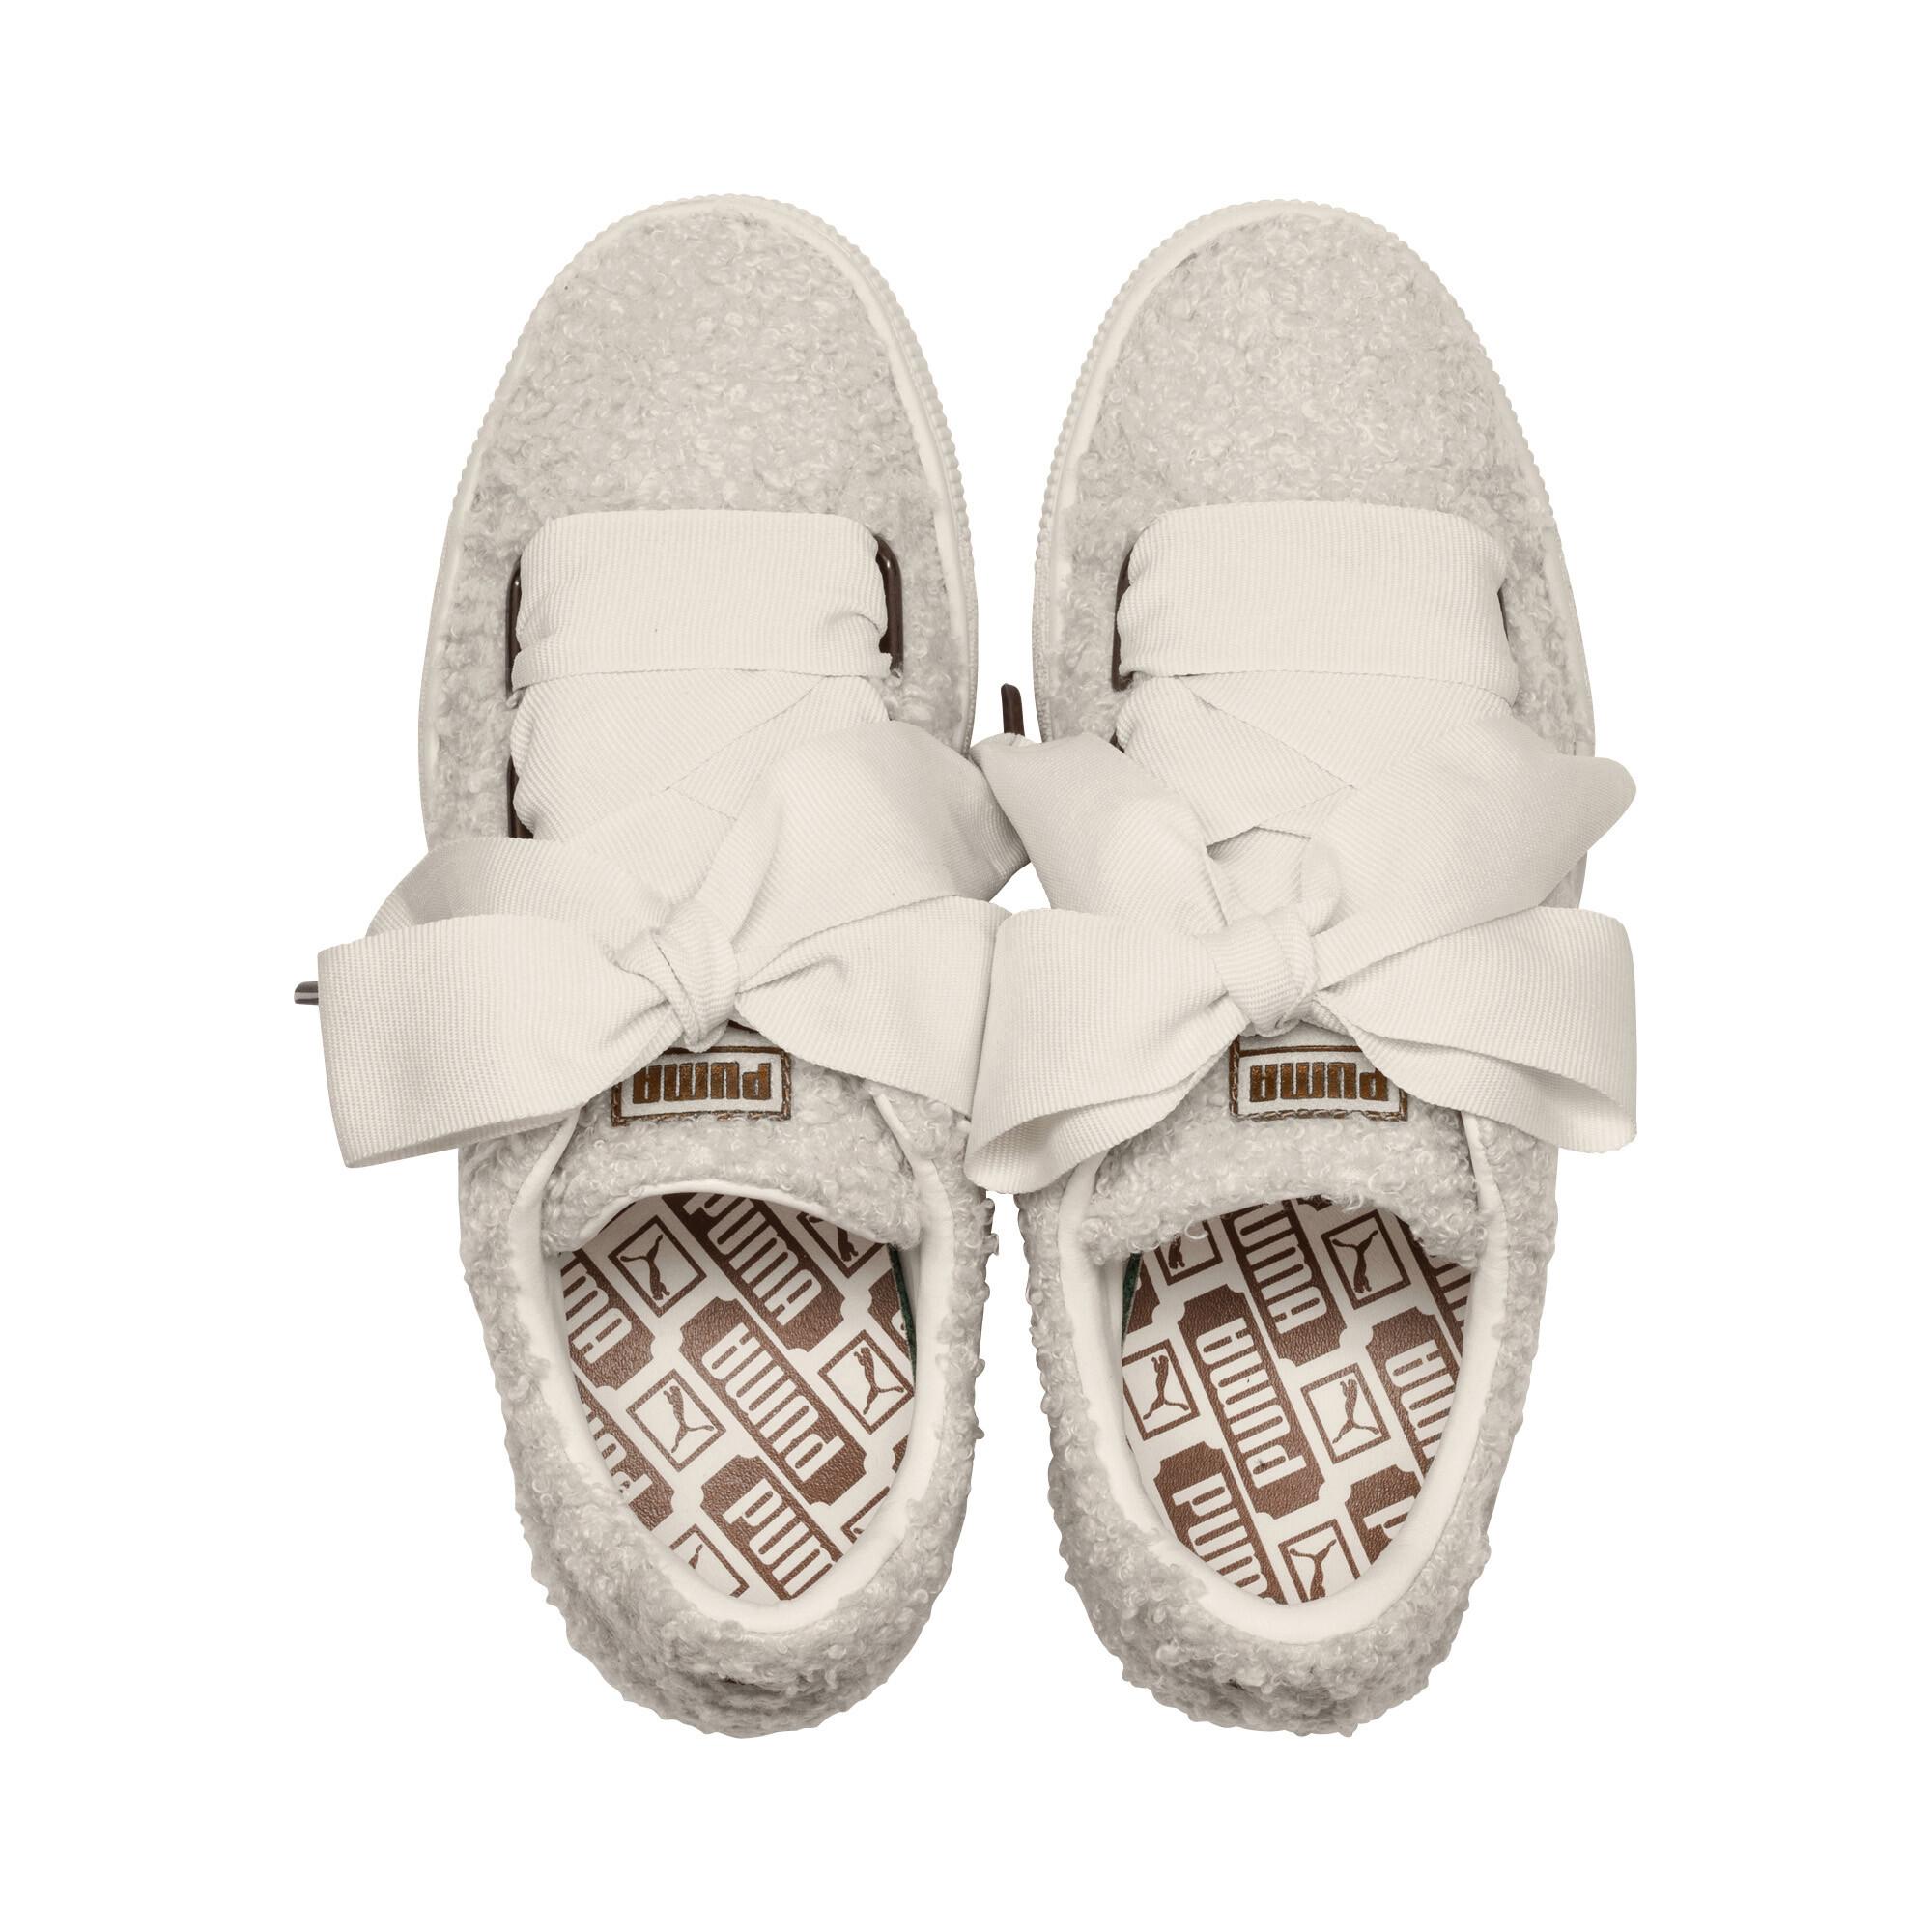 PUMA-Basket-Heart-Teddy-Women-s-Sneakers-Women-Shoe thumbnail 7